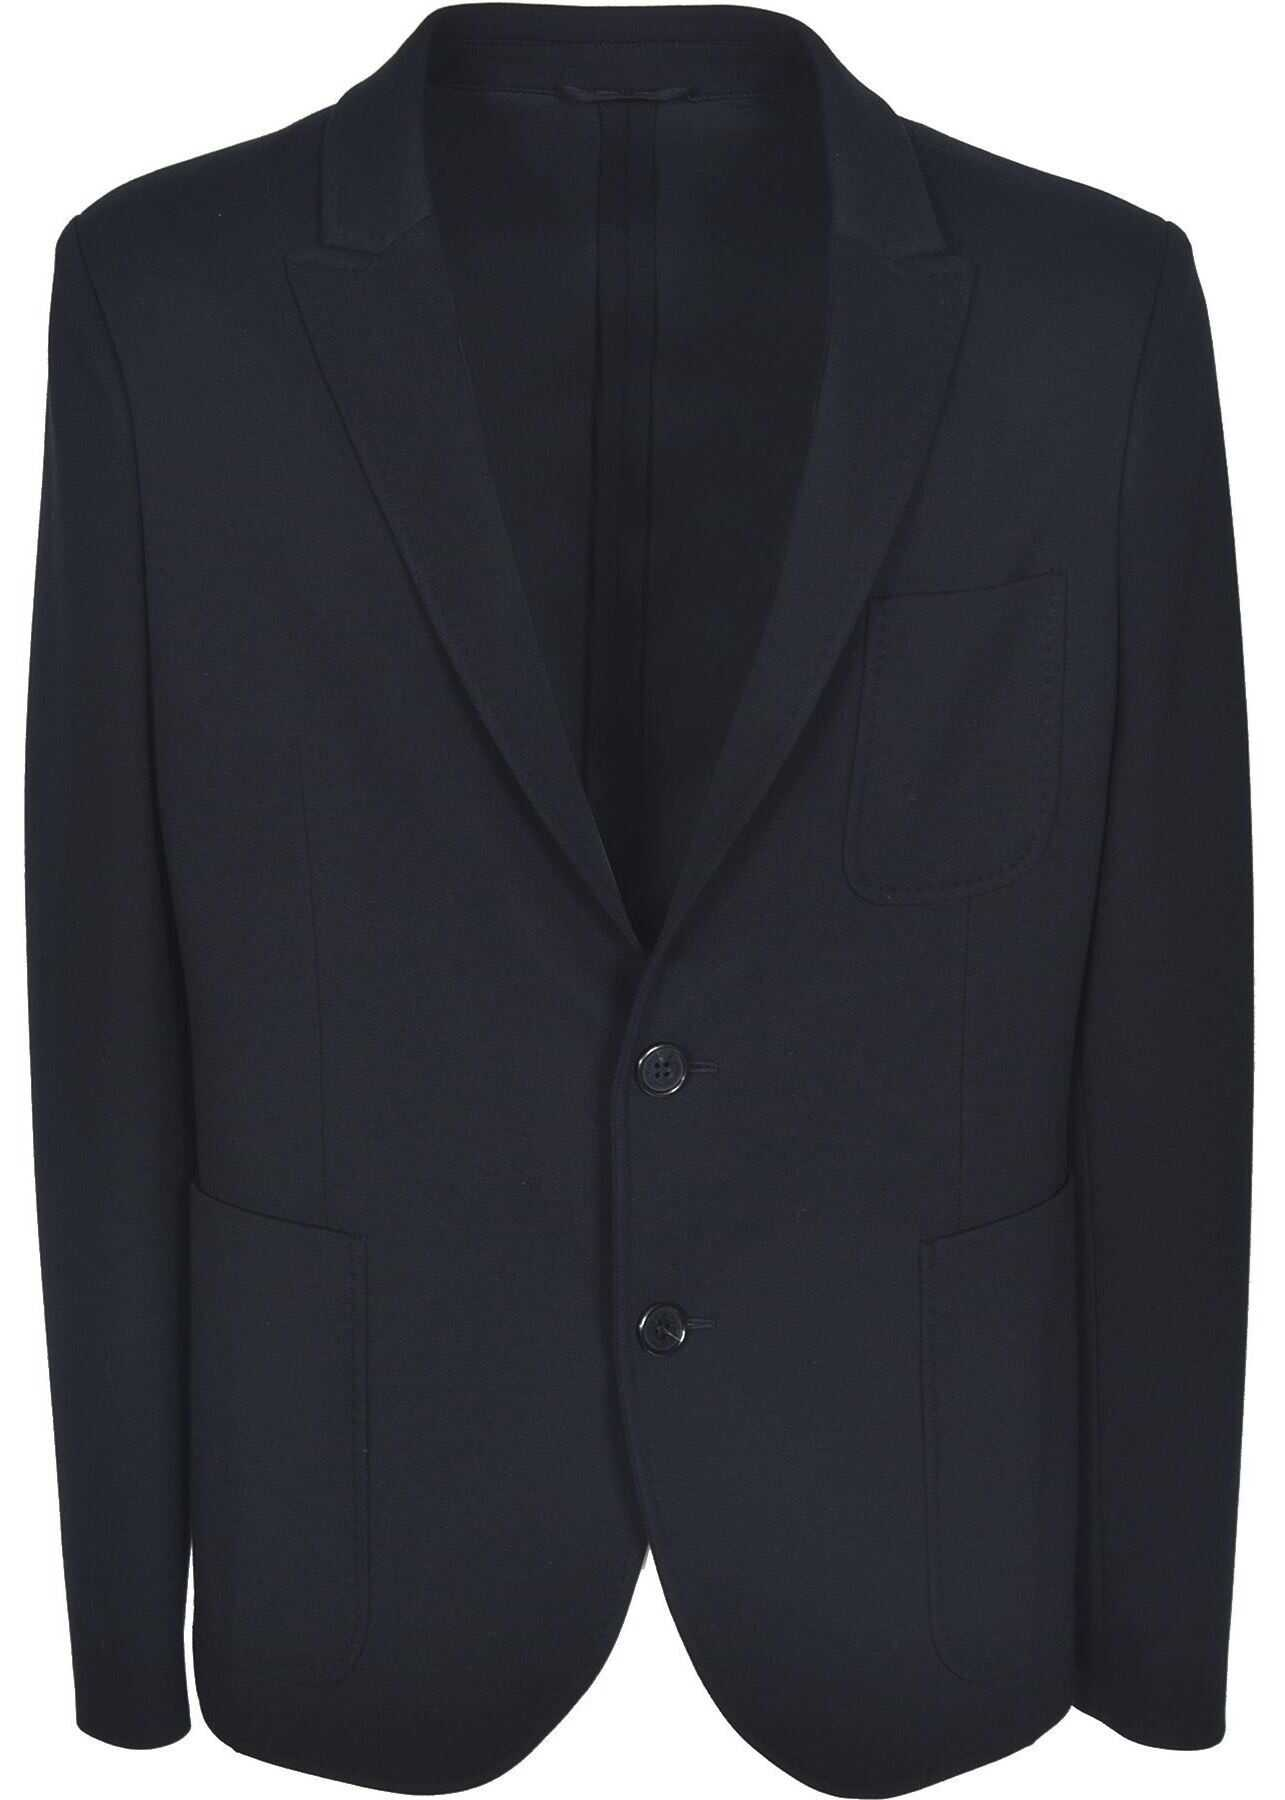 Neil Barrett Single-Breasted Jersey Jacket In Black Black imagine